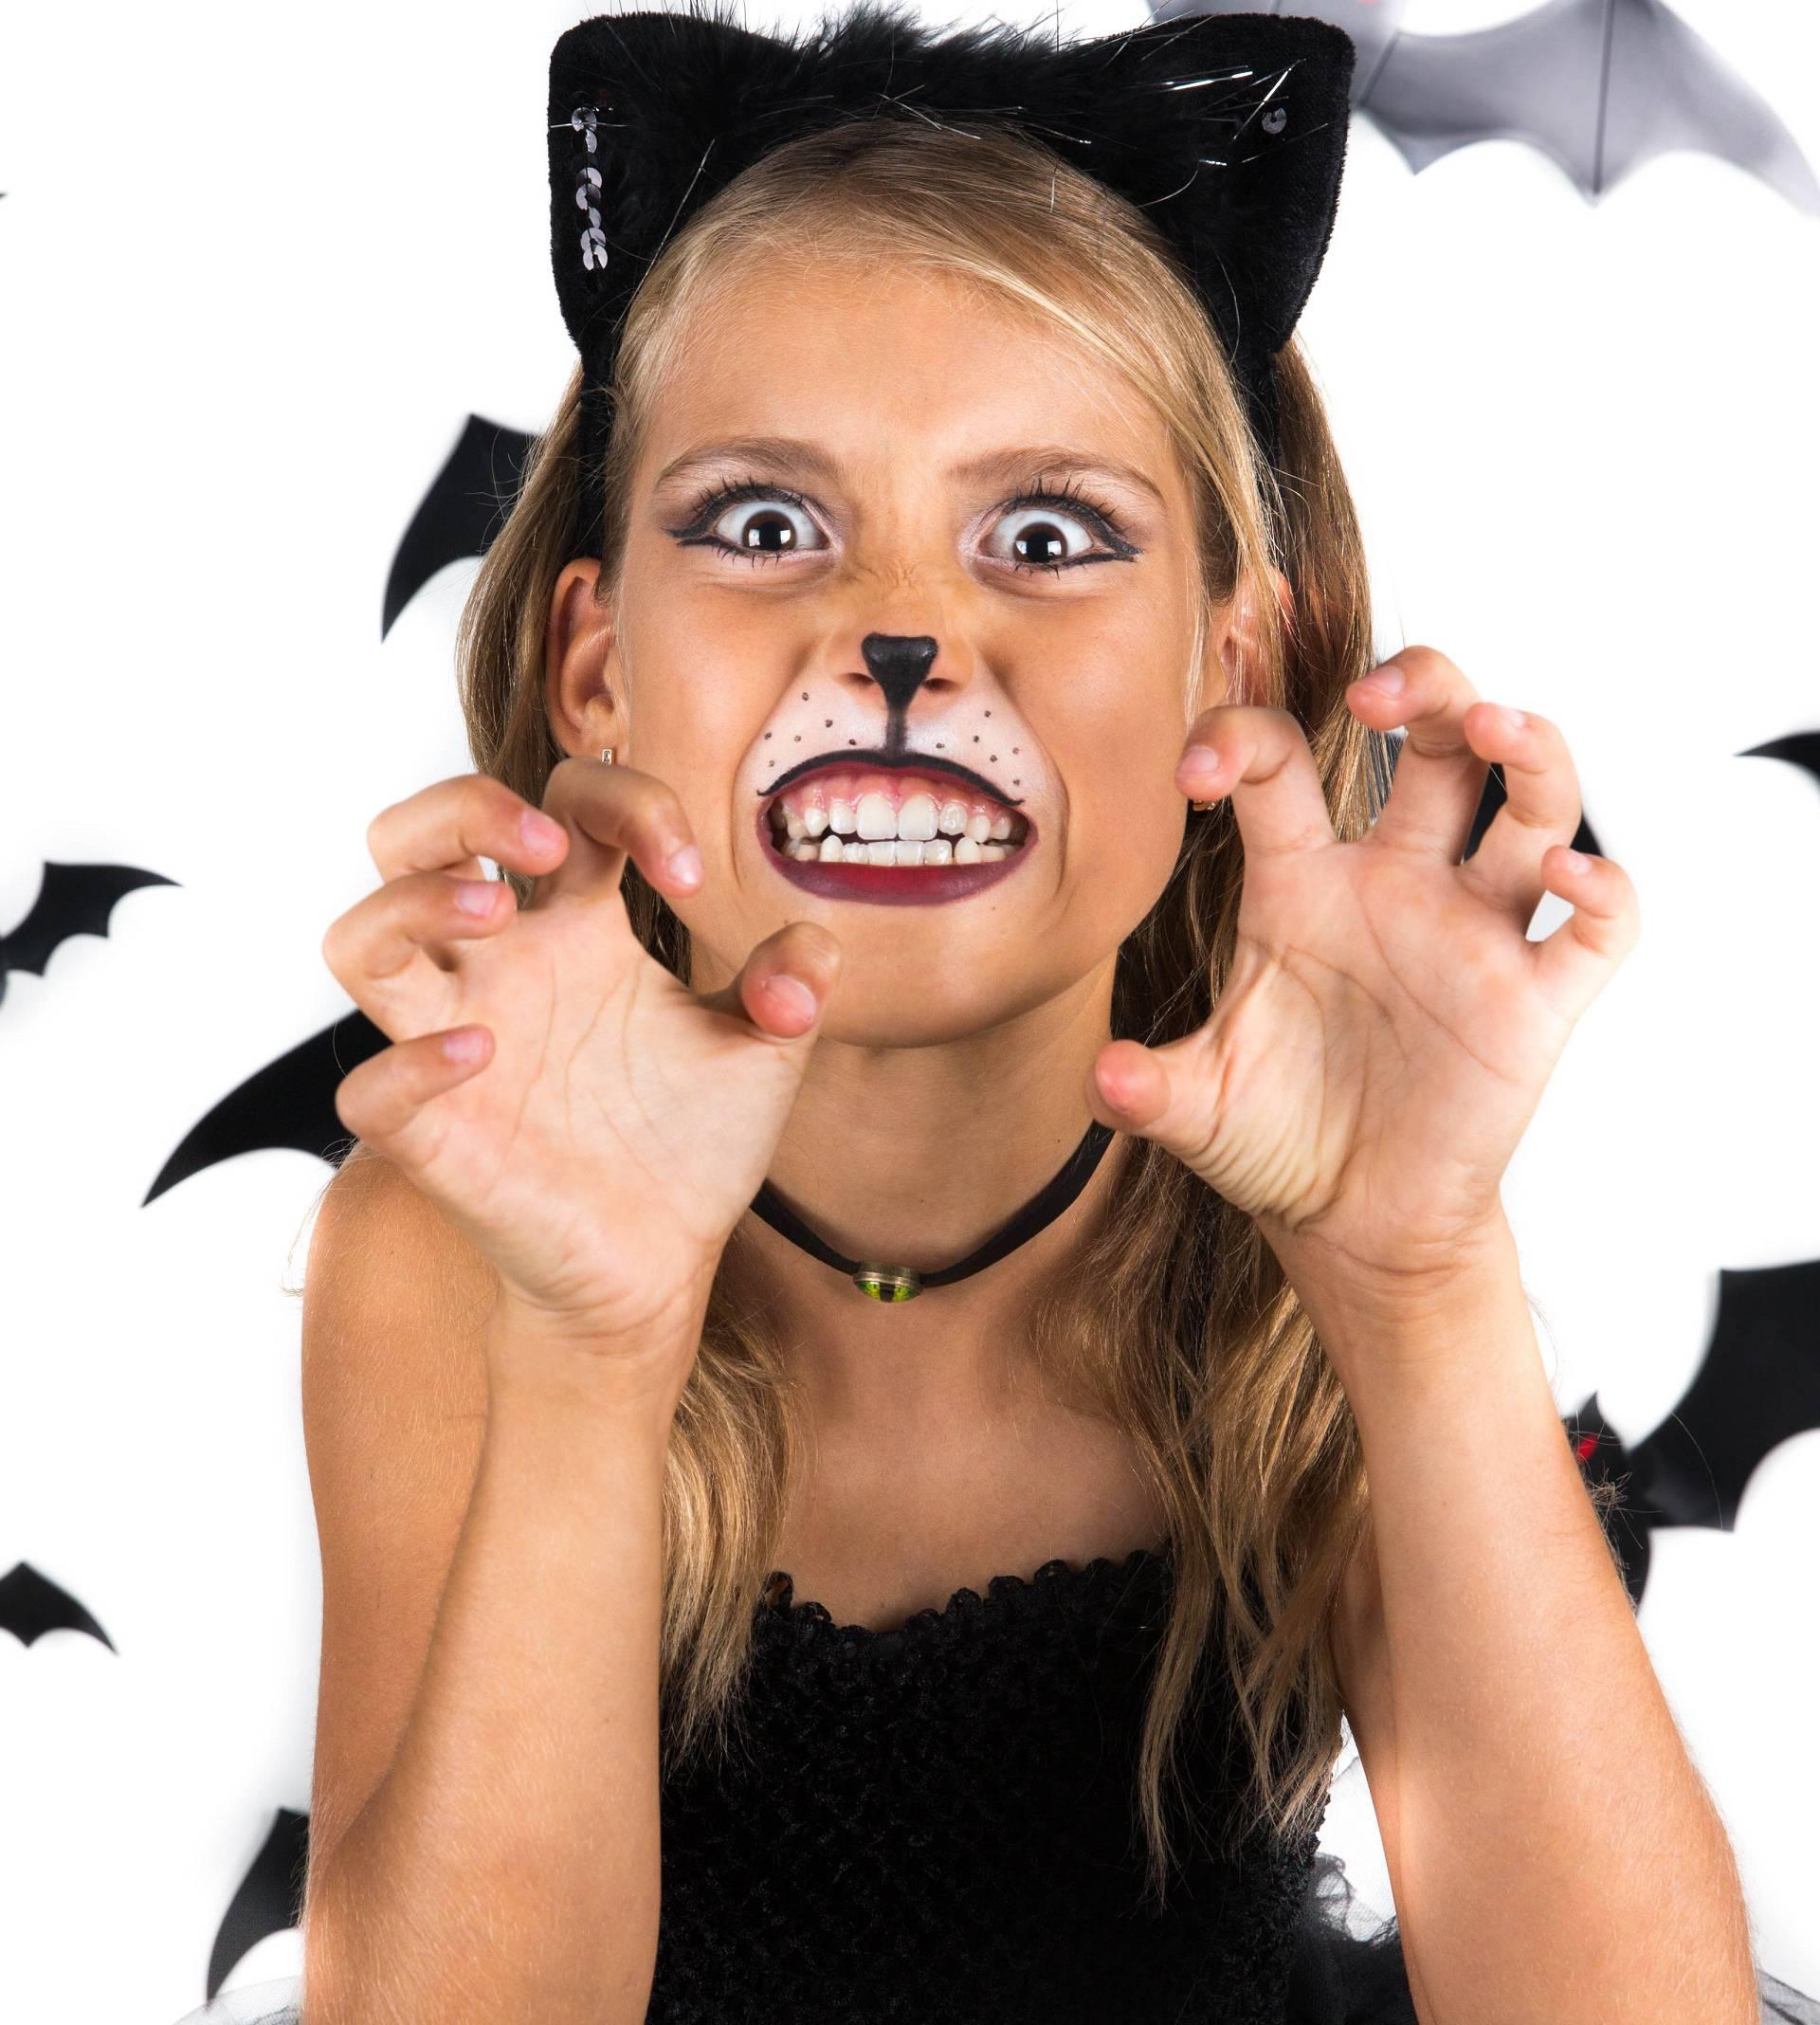 Oprez! Opasne maske djecu mogu porezati, opeći i ugušiti